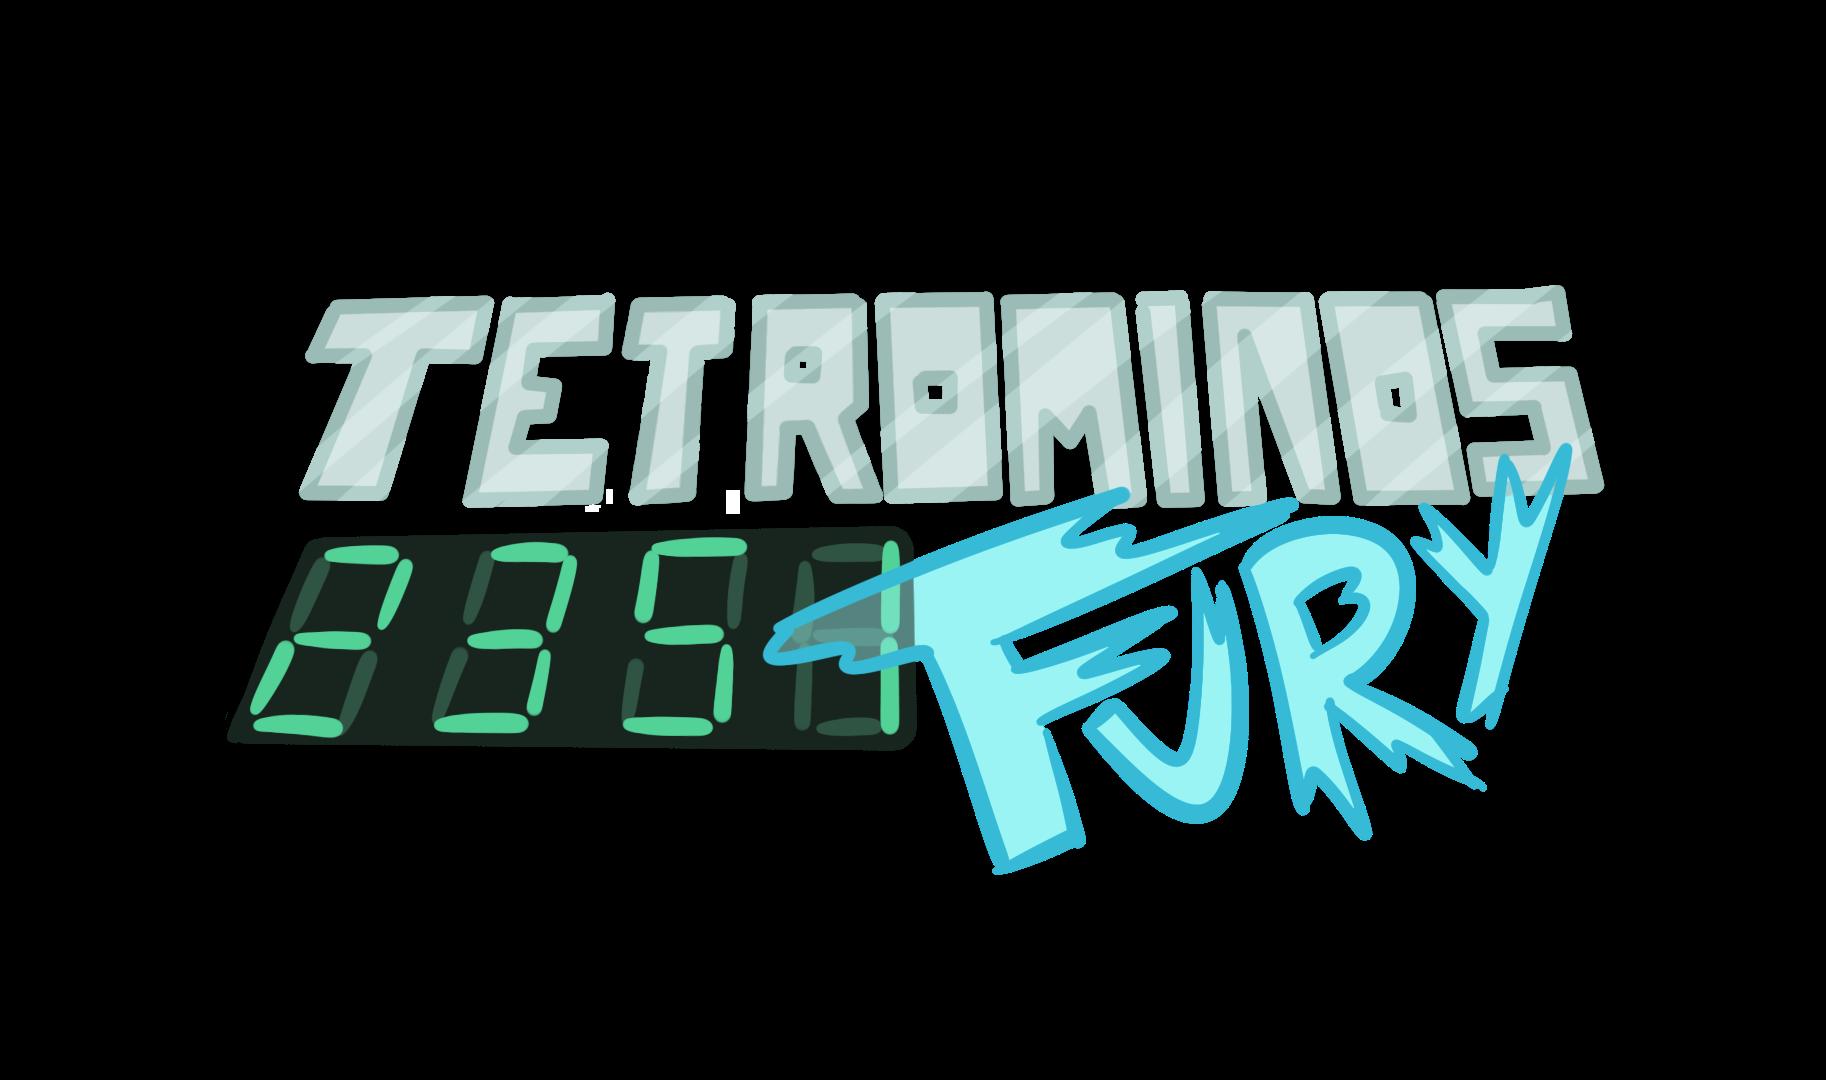 Tetrominos Fury 2351